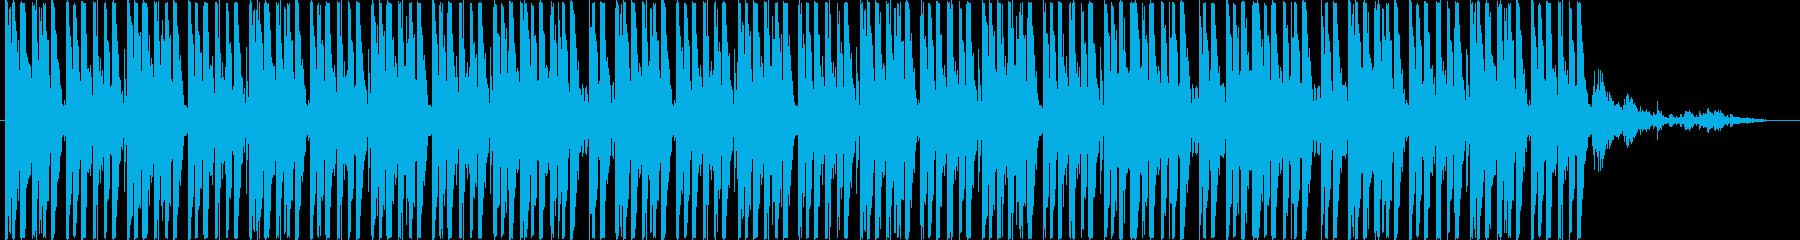 緑色の蔦 (暗いシンセ+冷たいリズム)の再生済みの波形